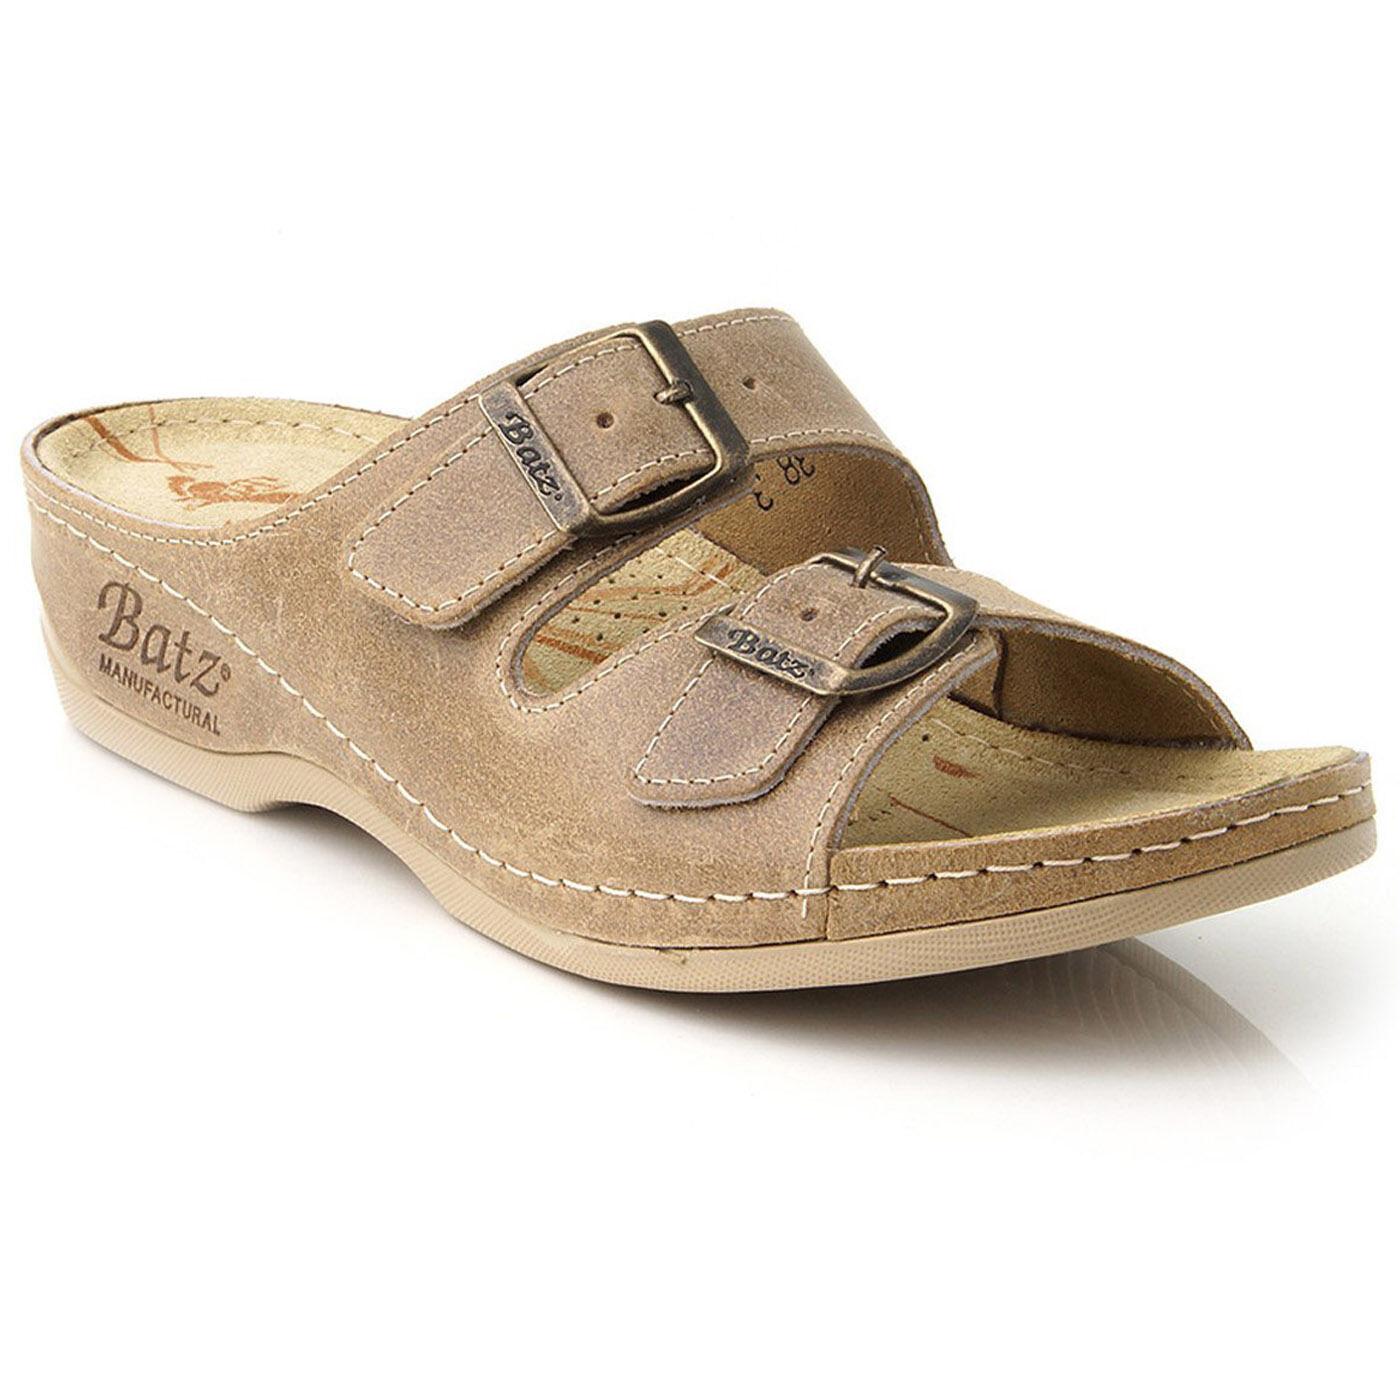 feuillet de cuir beige sur batz fc02 sandales à sabots chers mules femmes chers sabots royaume - uni ca8dd4